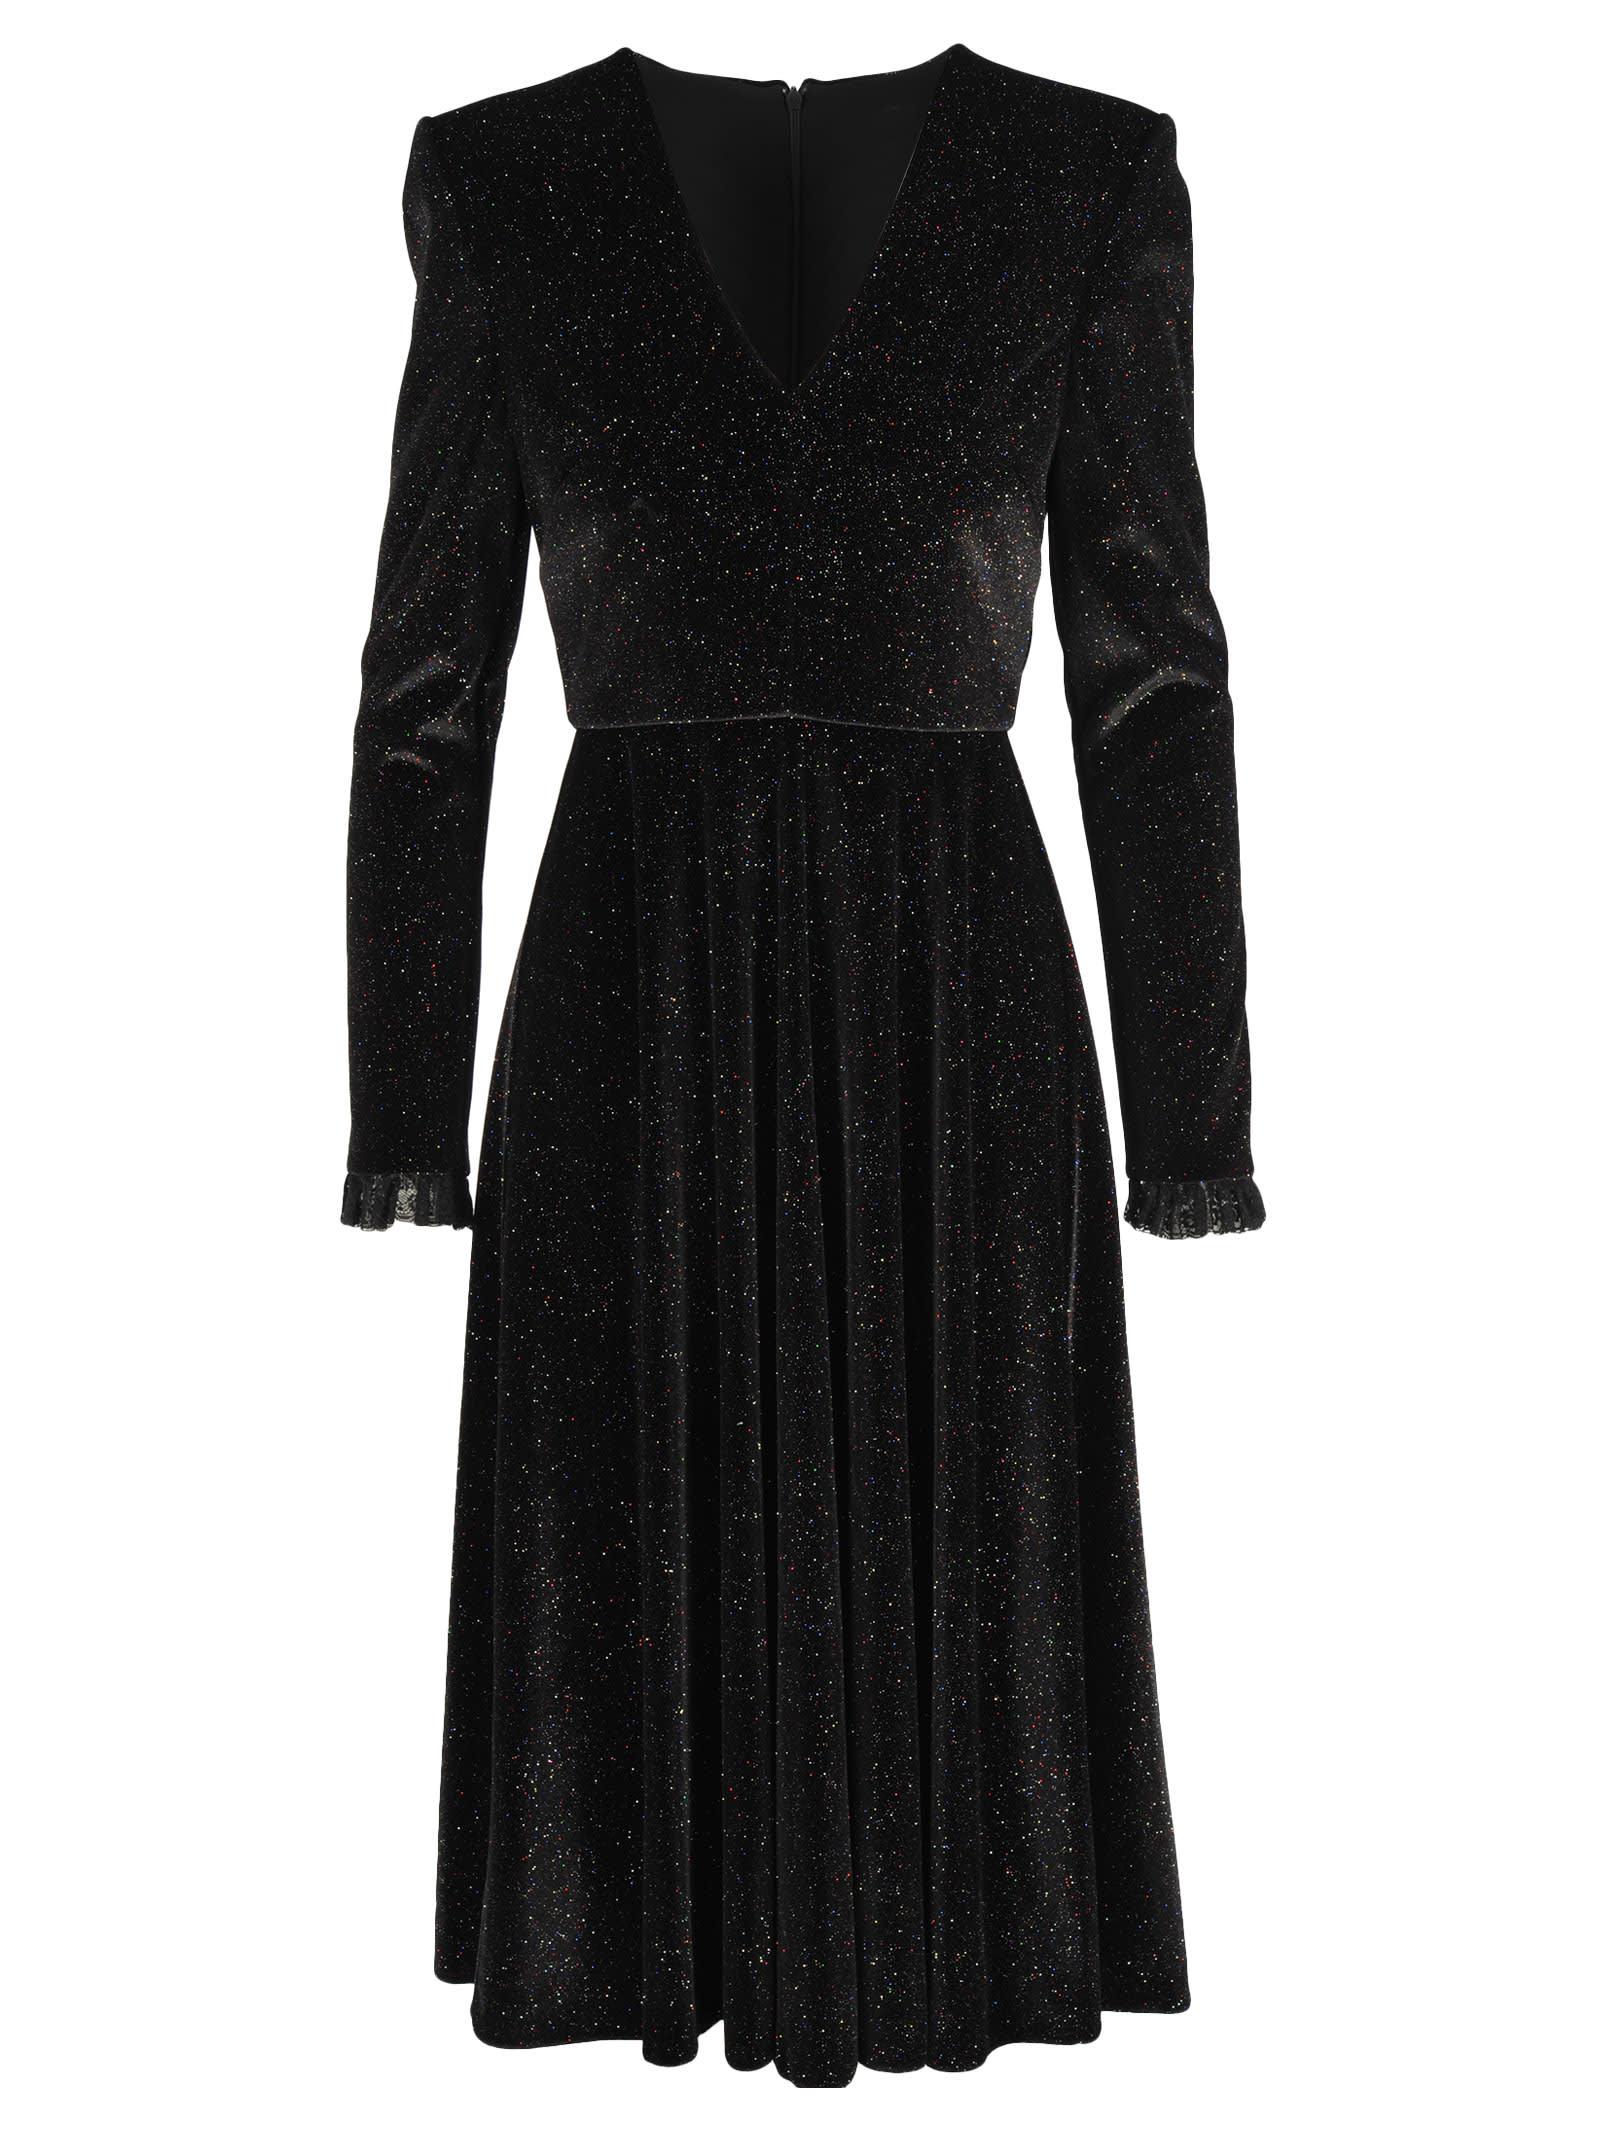 Philosophy Velvet Glitter Dress